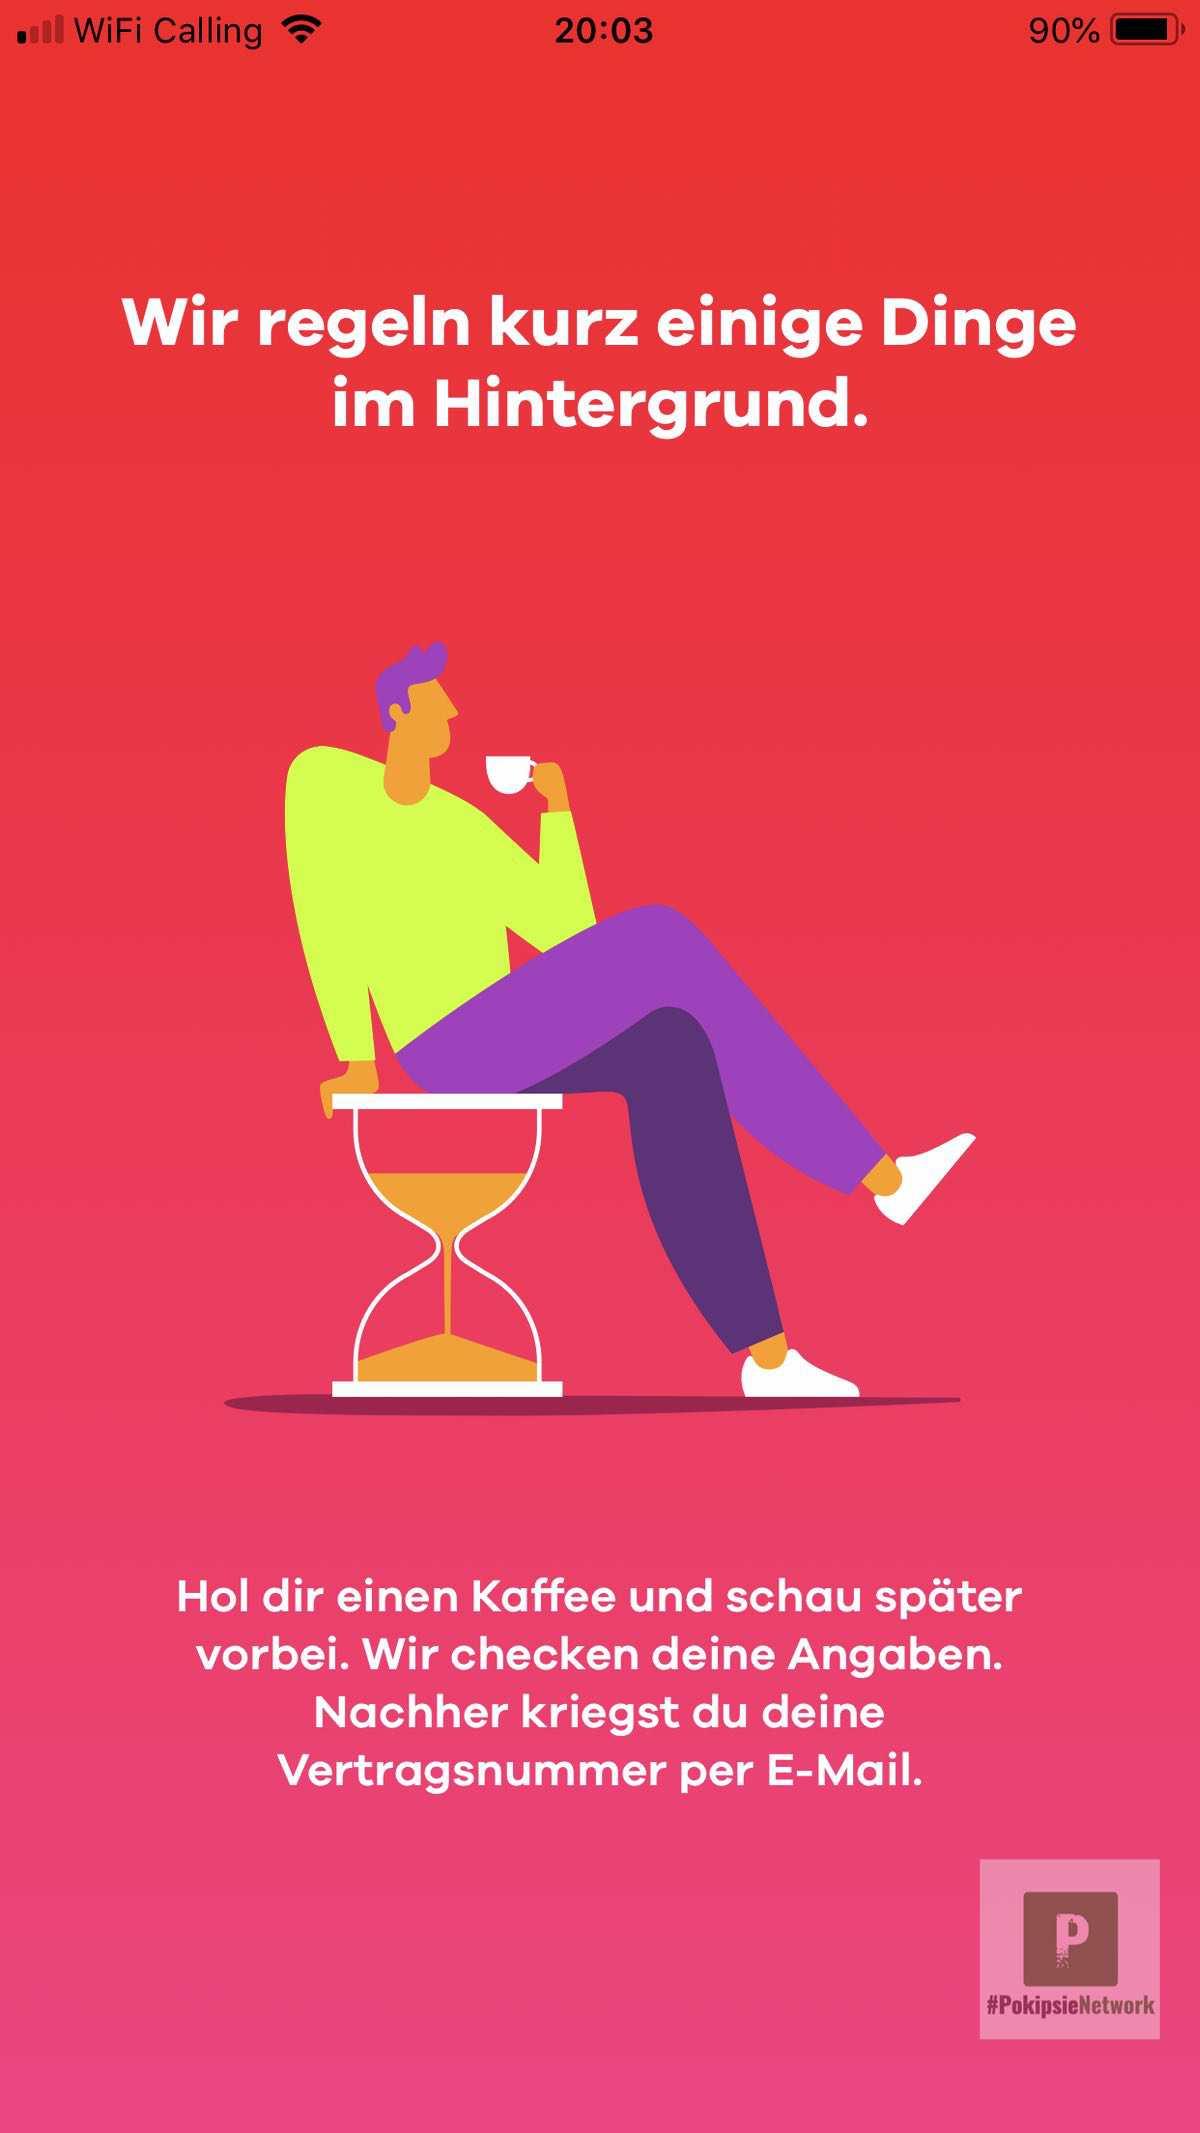 Aufforderung Kaffee zu trinken - ob das um 21:55 noch gescheit ist?